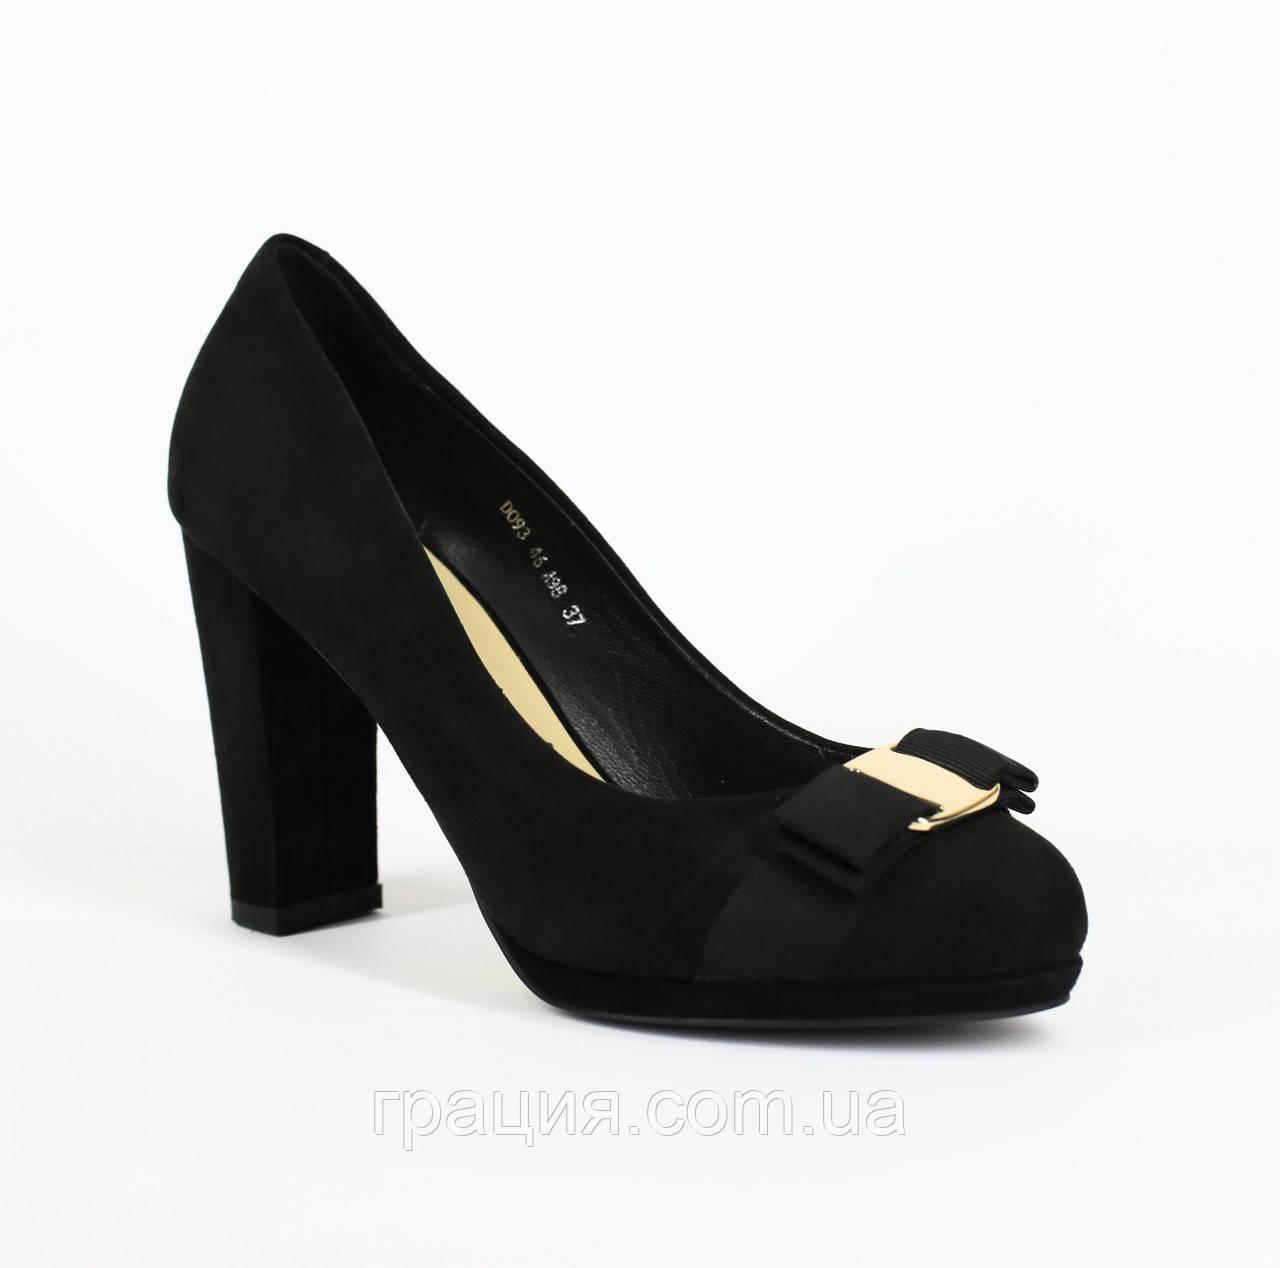 Туфлі жіночі замшеві на високому каблуці